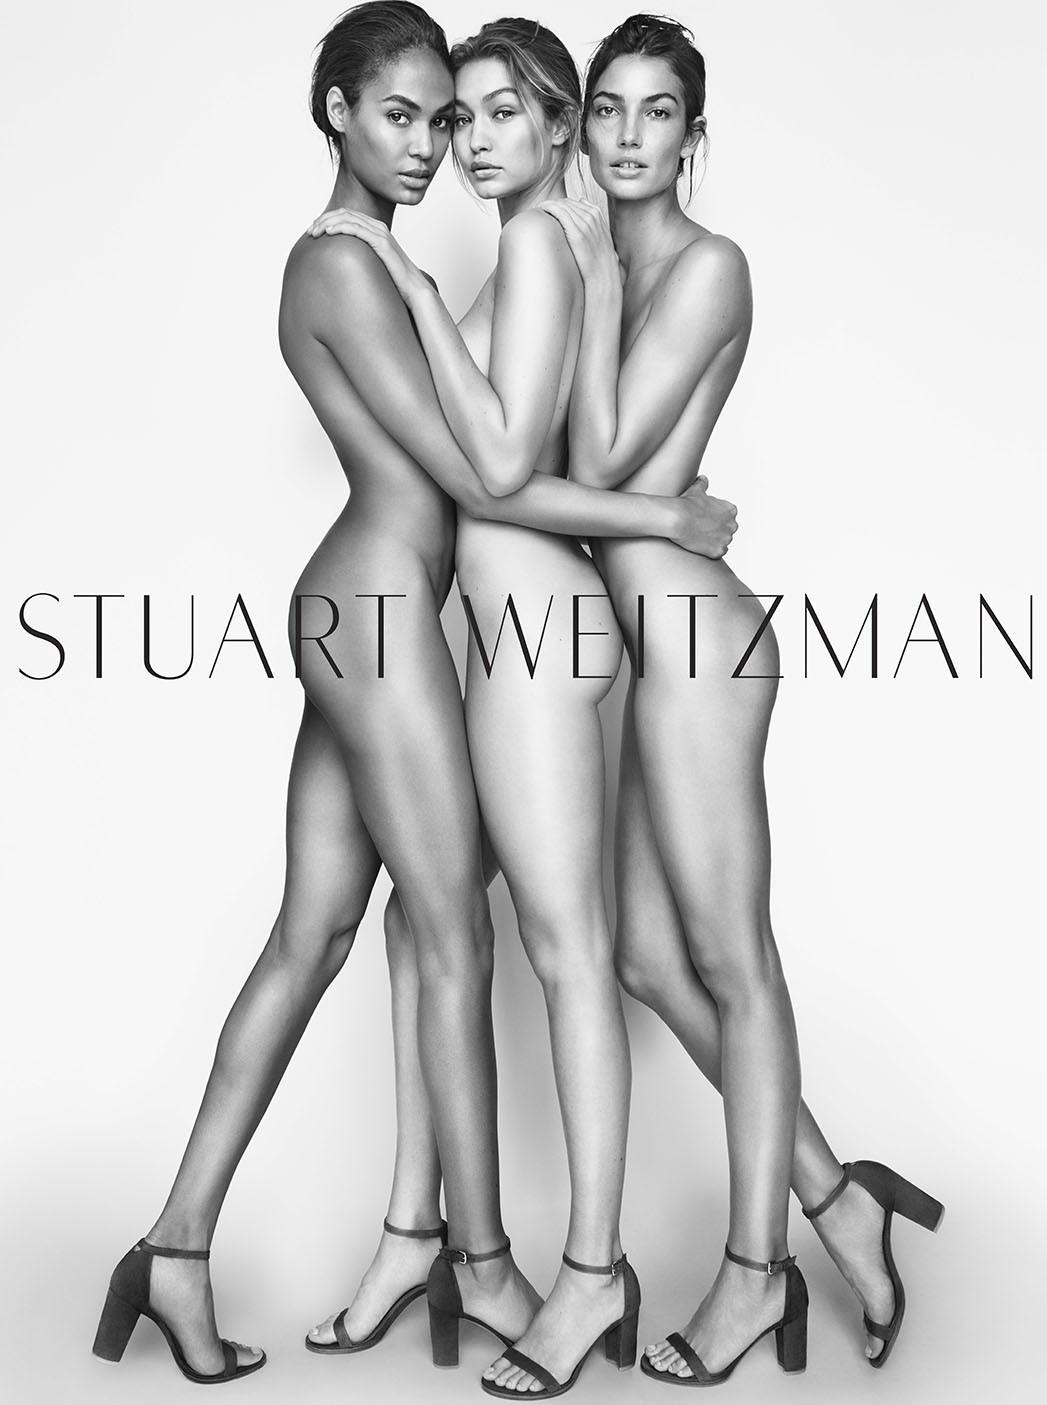 Acompanhada por Joan Smalls e Lilly Aldridge na campanha de Stuart Weitzman (Foto: Divulgação)